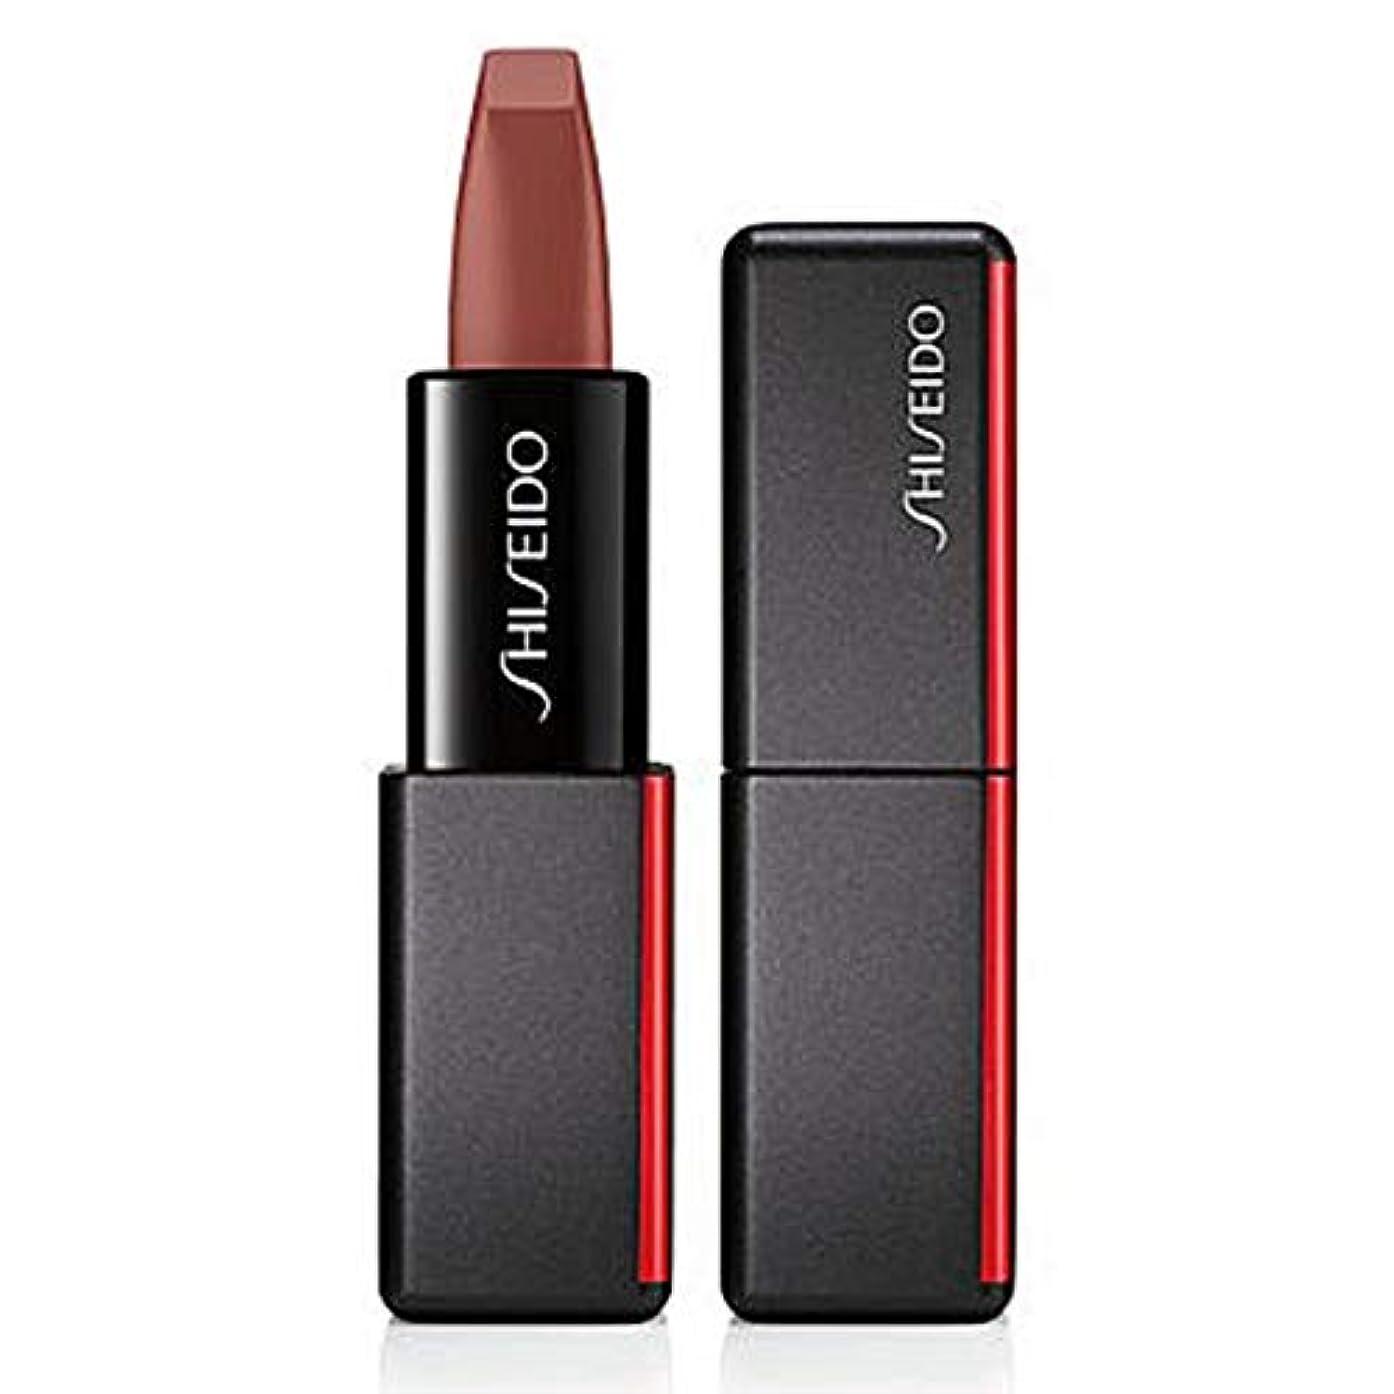 ダンス裸数字資生堂 ModernMatte Powder Lipstick - # 507 Murmur (Rosewood) 4g/0.14oz並行輸入品